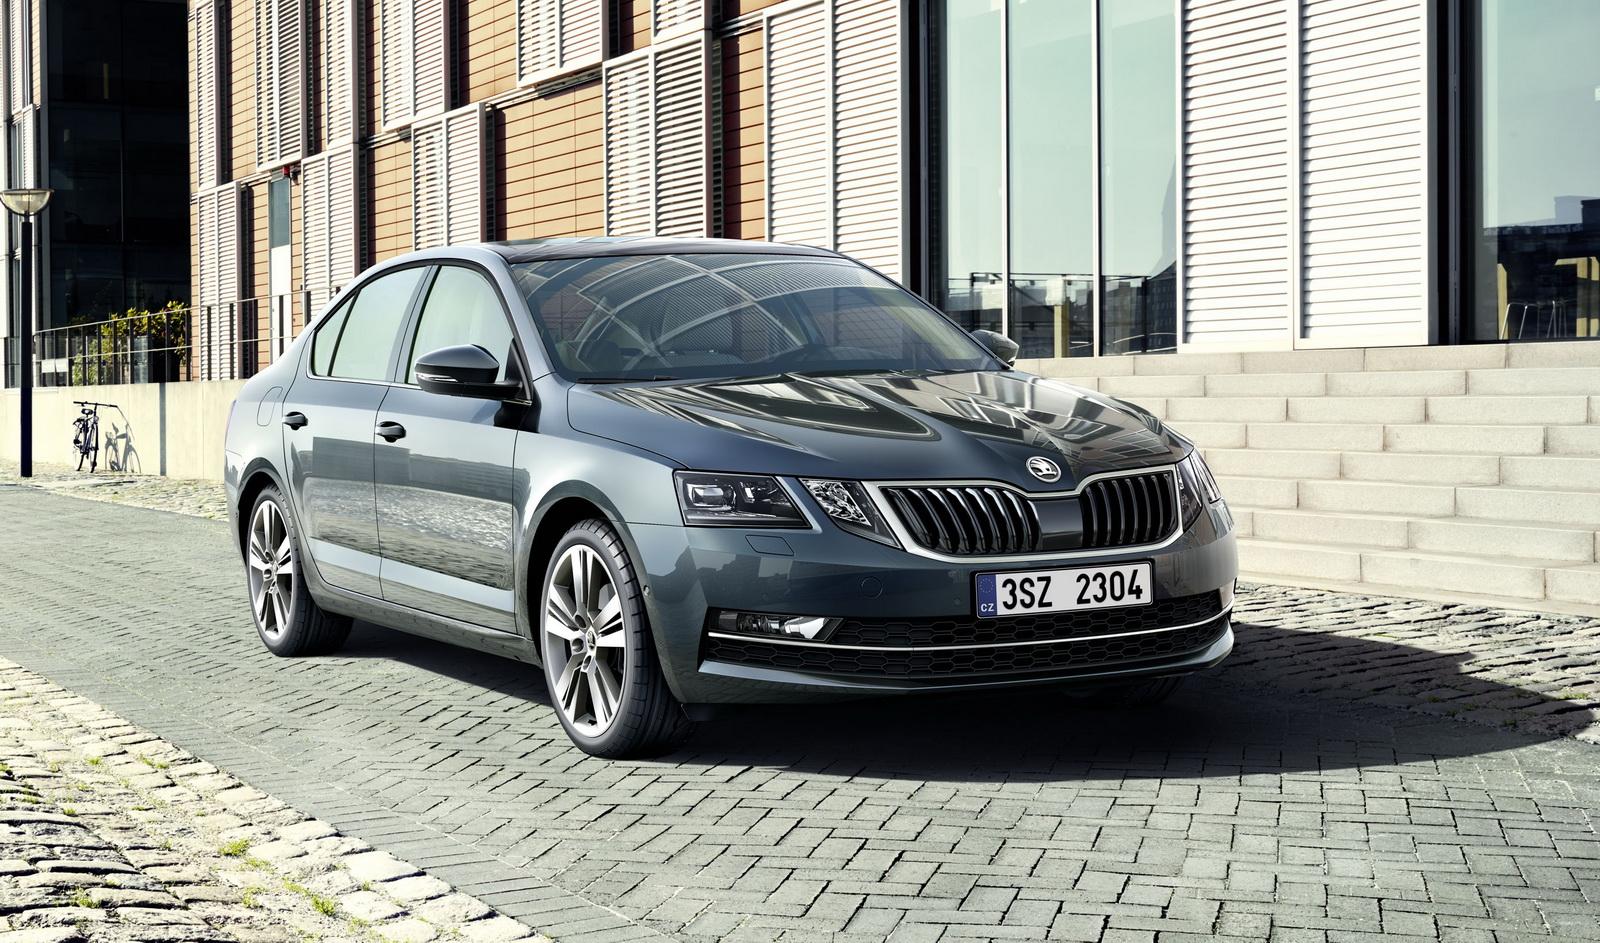 ТОП-5 наилучших авто для молодой семьи возглавила модель Шкода Rapid